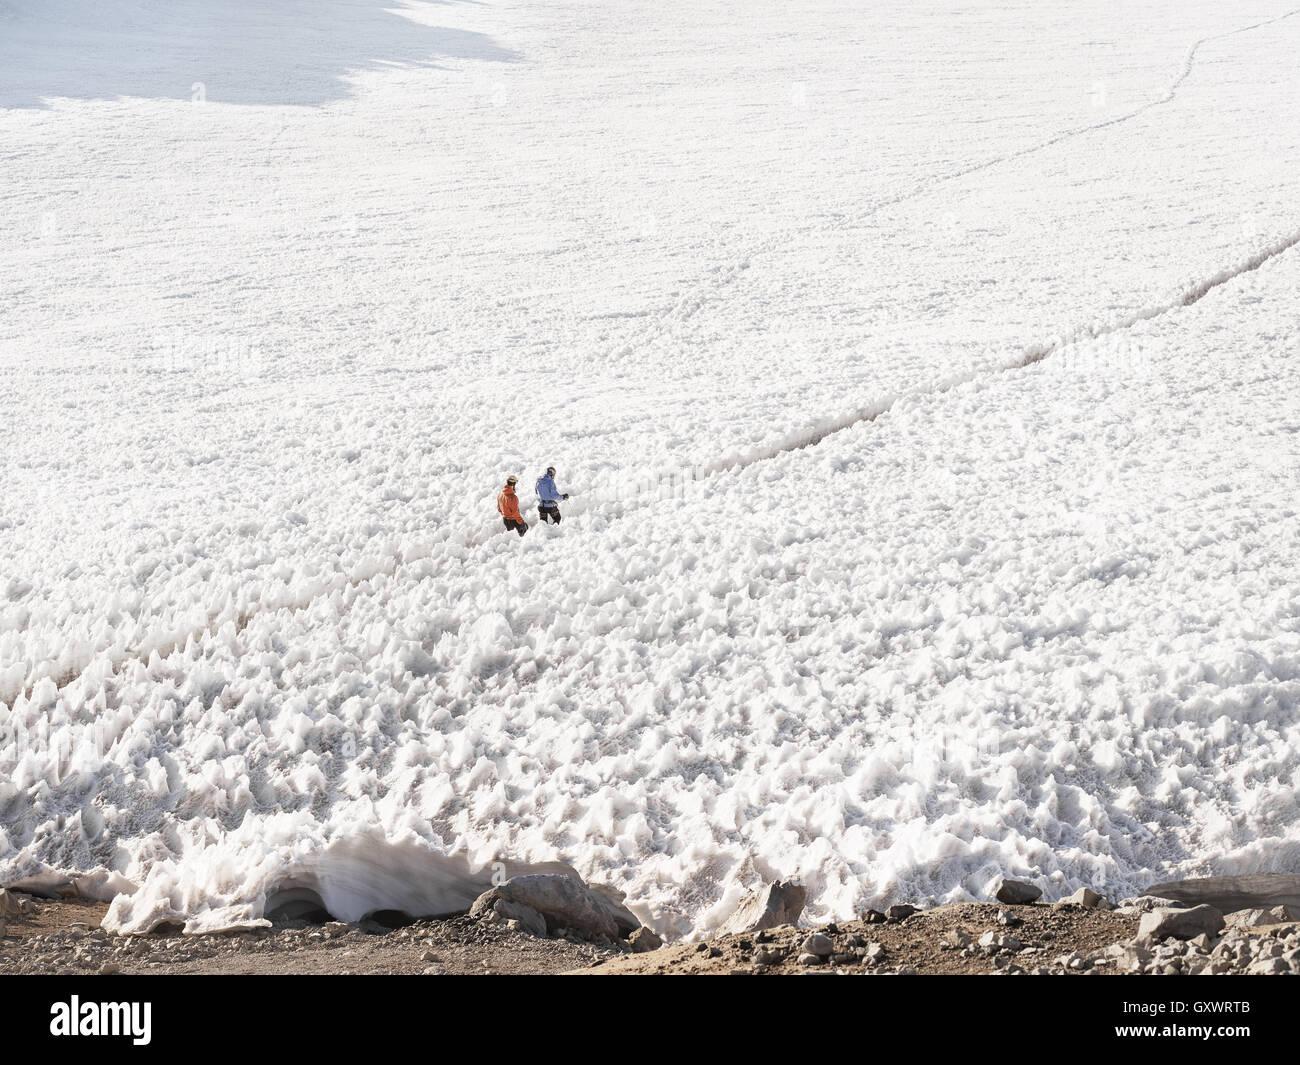 Wanderer-Reise durch Schnee beim trekking, Mt. Rainier Stockbild